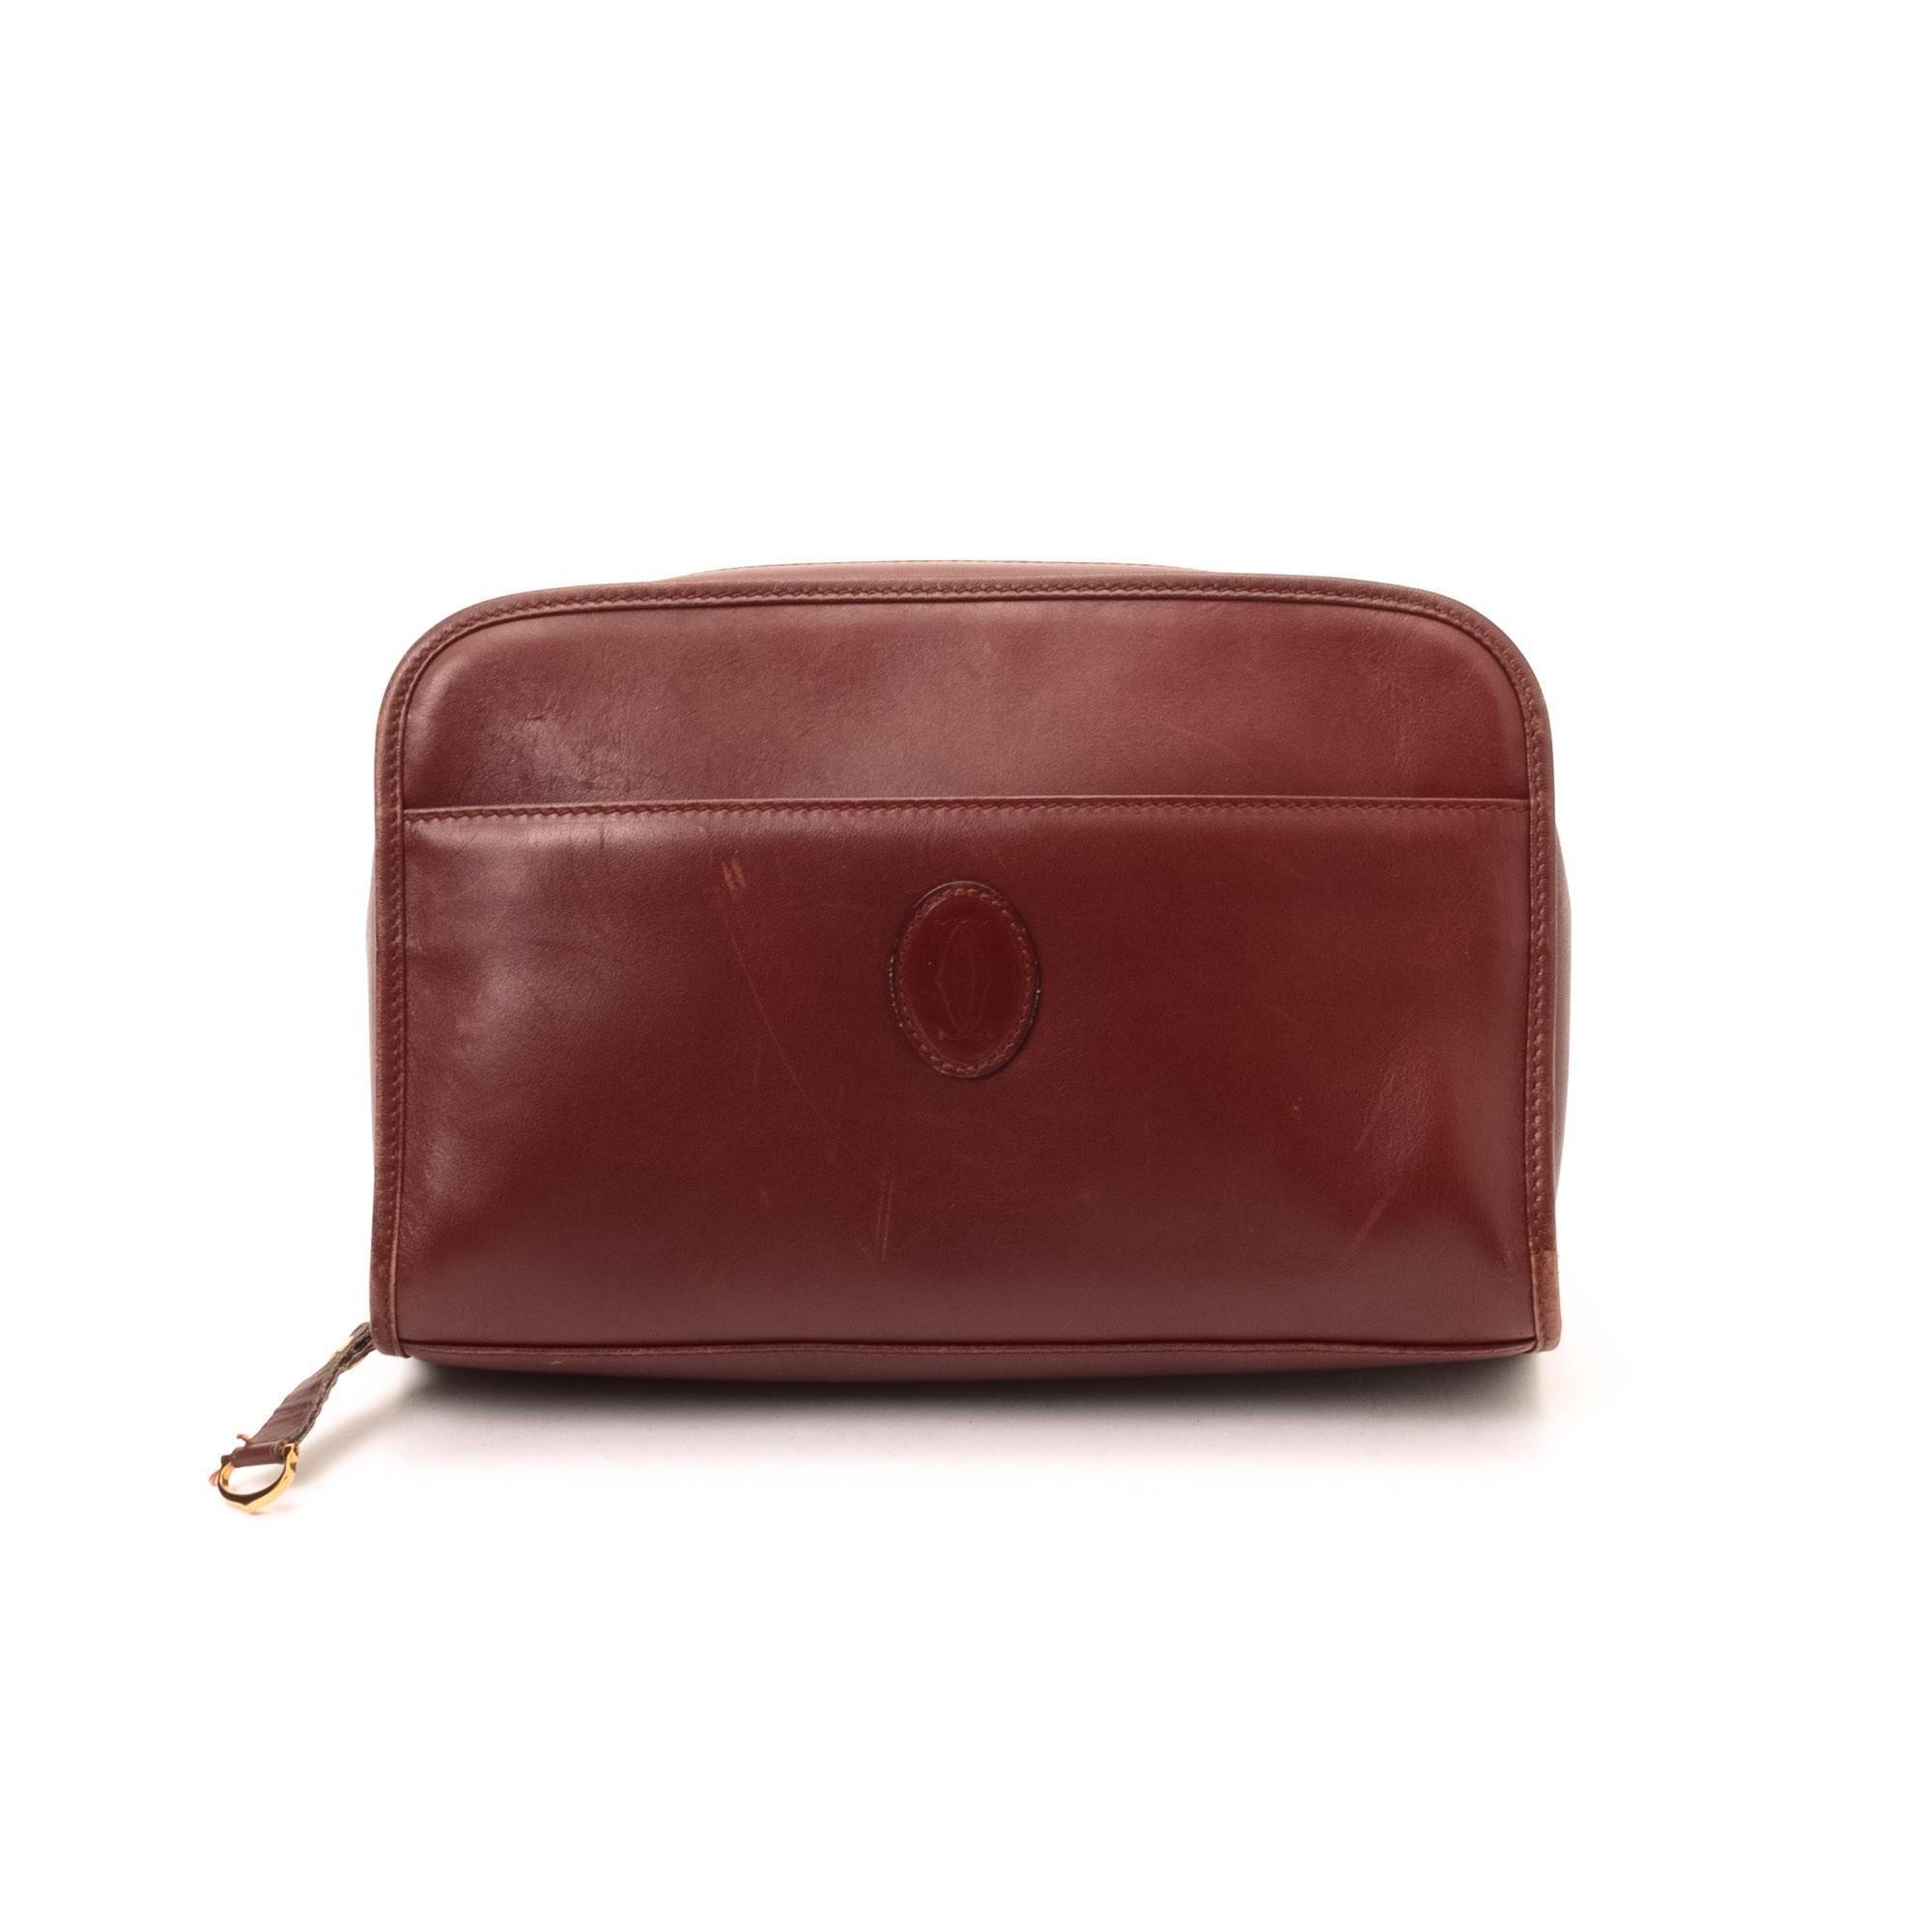 Cartier Pouch Bordeaux Leather Vanity Case \u0026amp; Pouch - LXR\u0026amp;CO ...